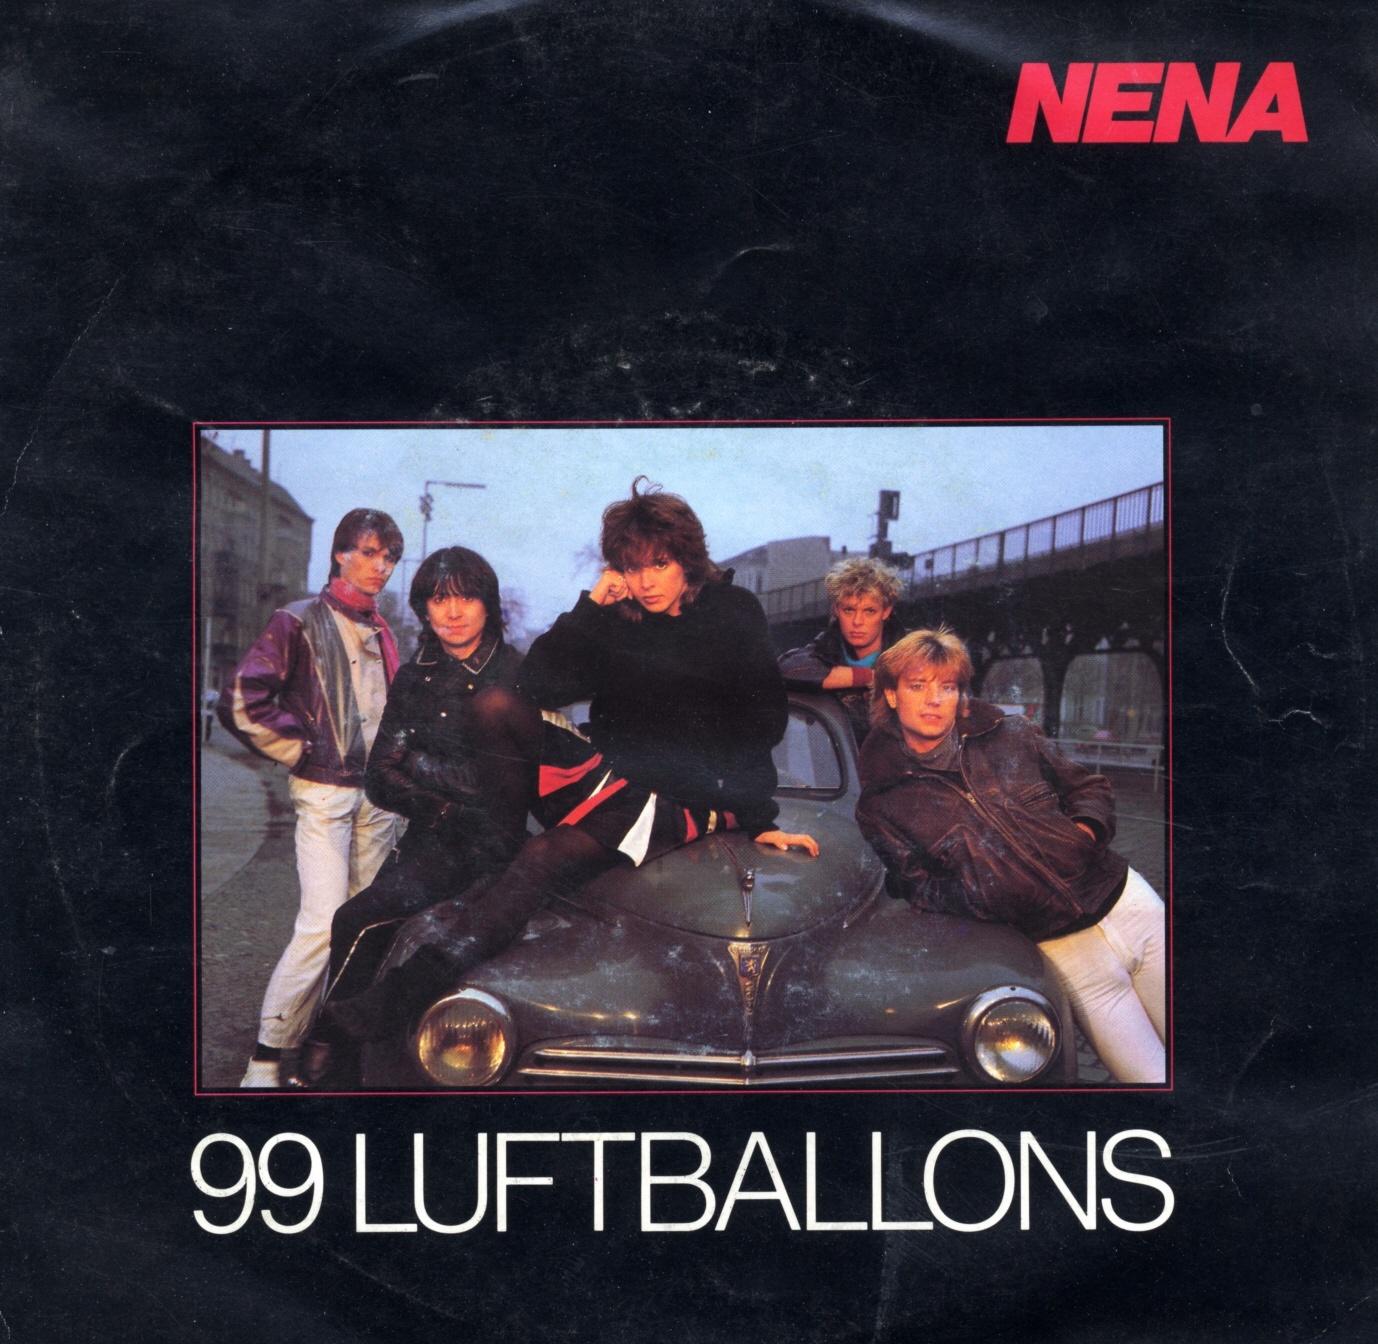 99 Luftballons (Neunundneunzig Luftballons) (Foto: Nena)